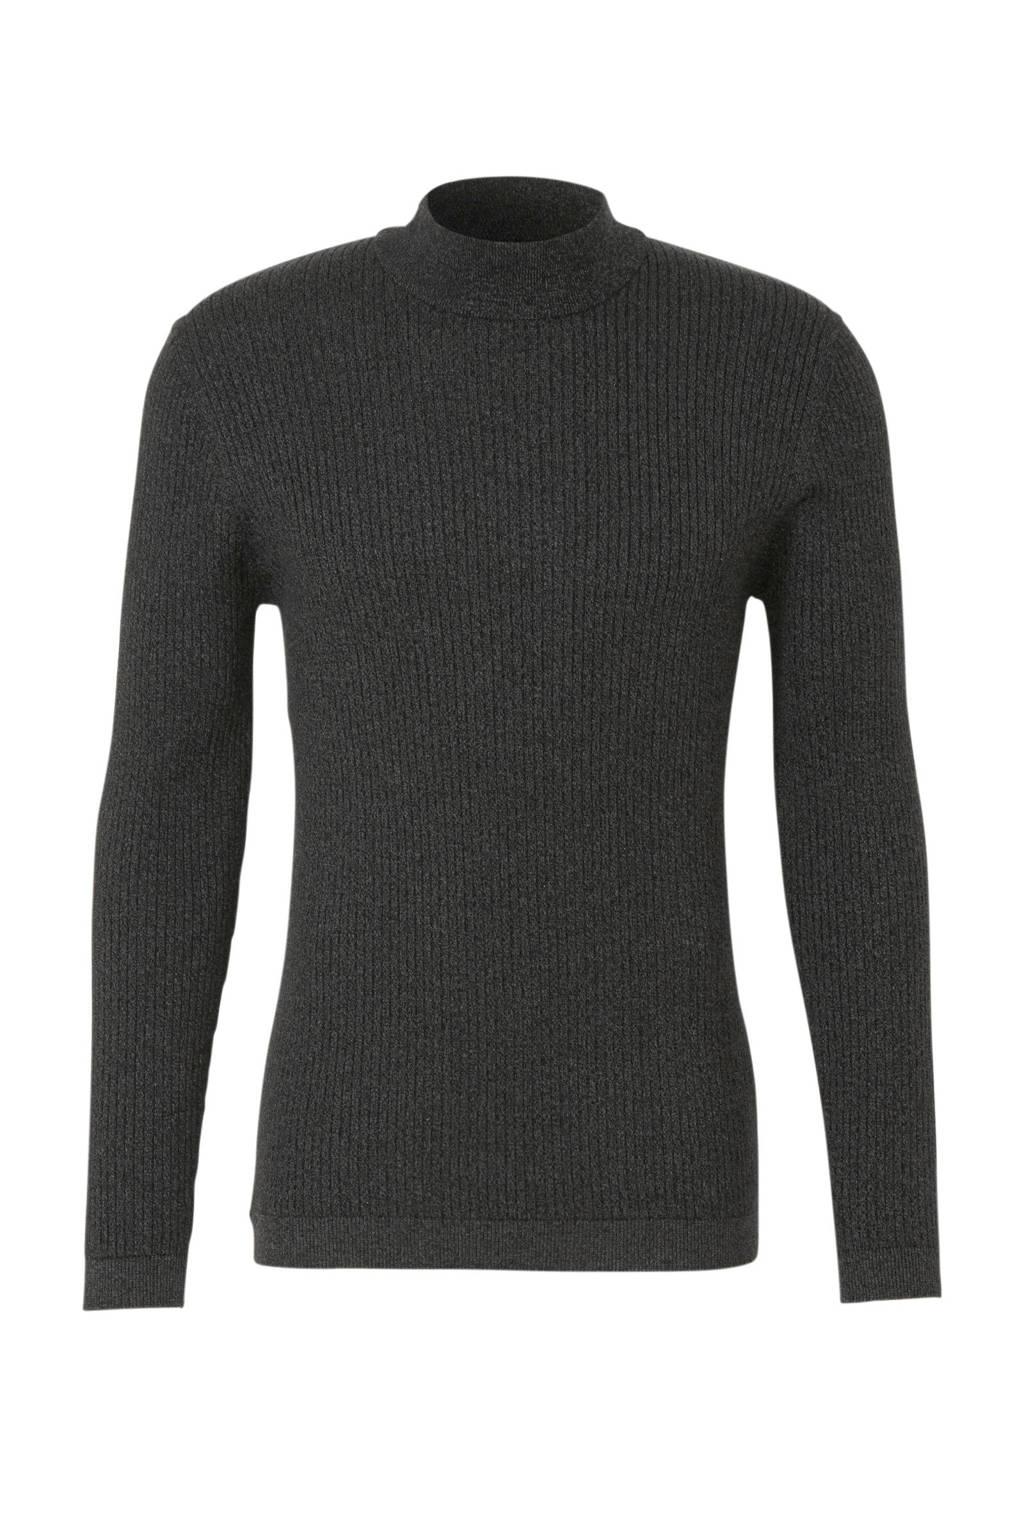 edc Men gemêleerde sweater antraciet, Antraciet